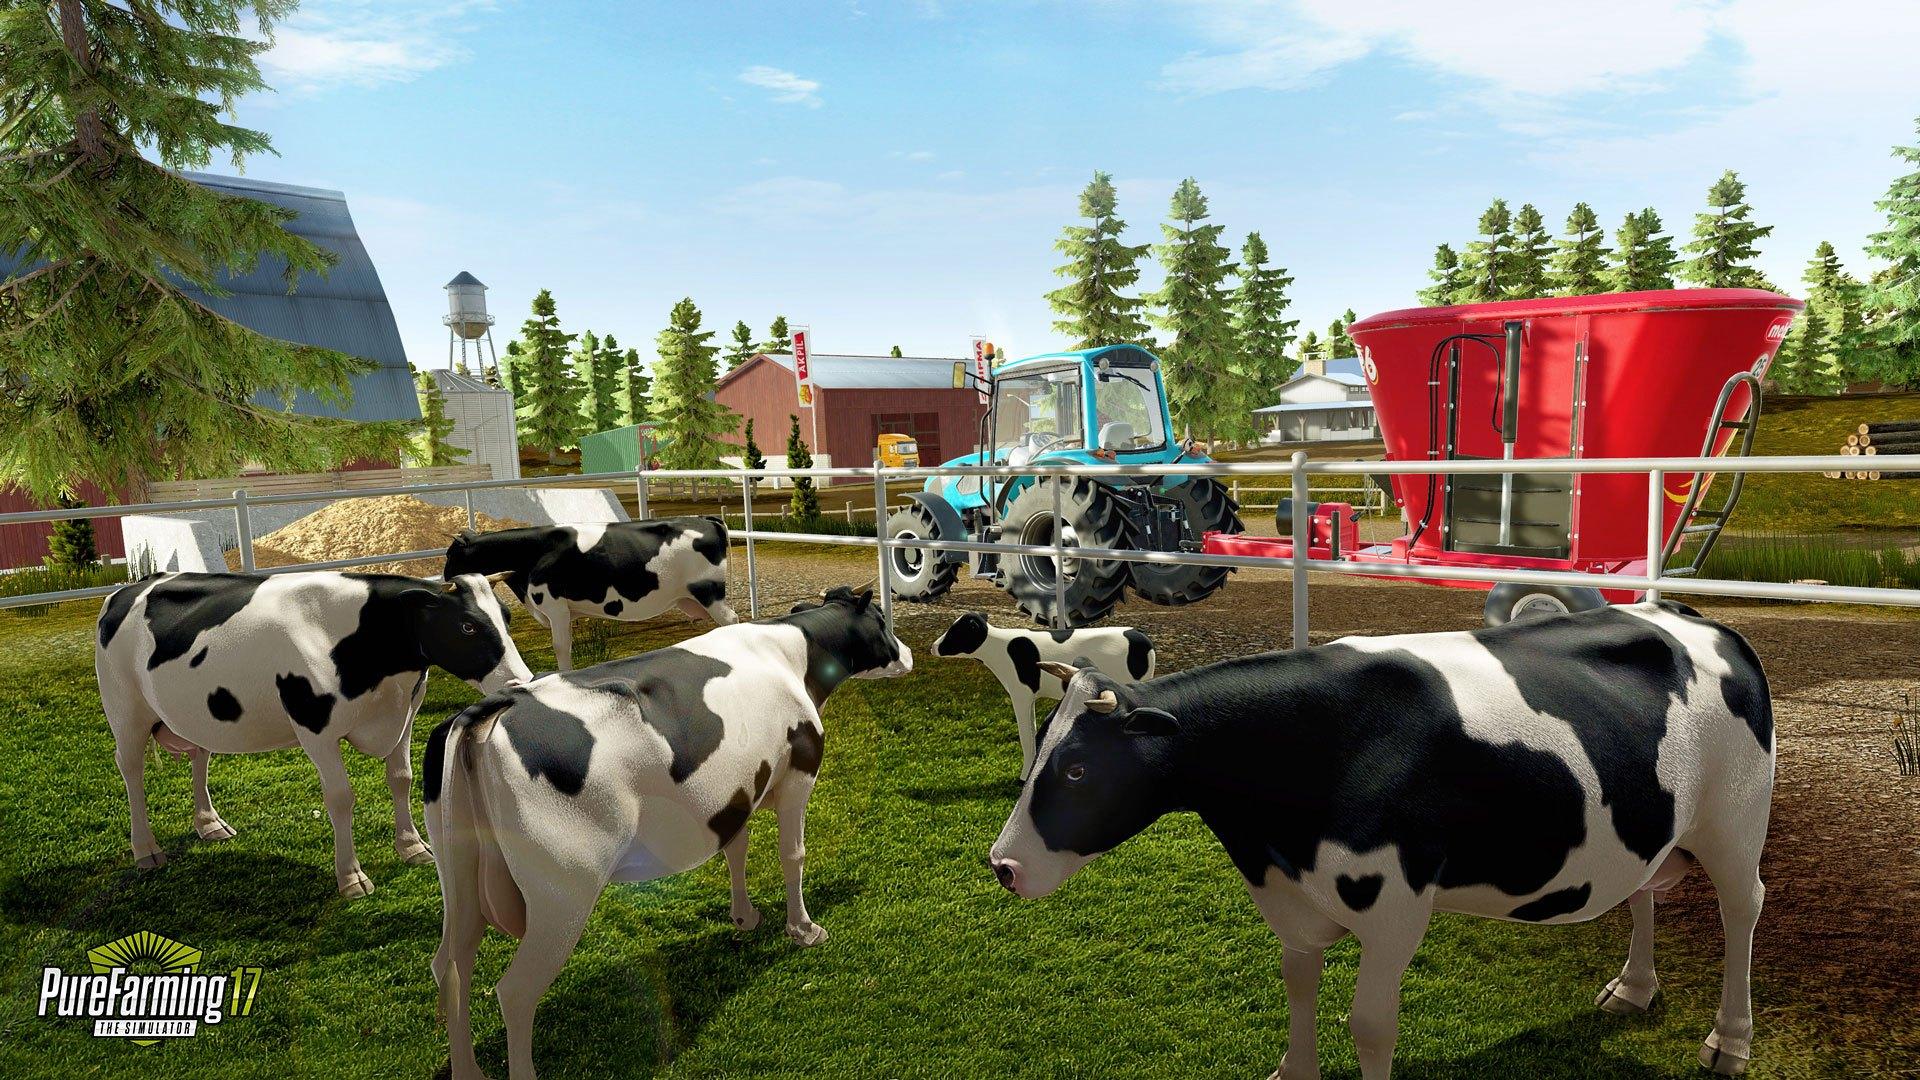 Разработчики анонсировали новый фермерский симулятор — игру Pure Farming 18